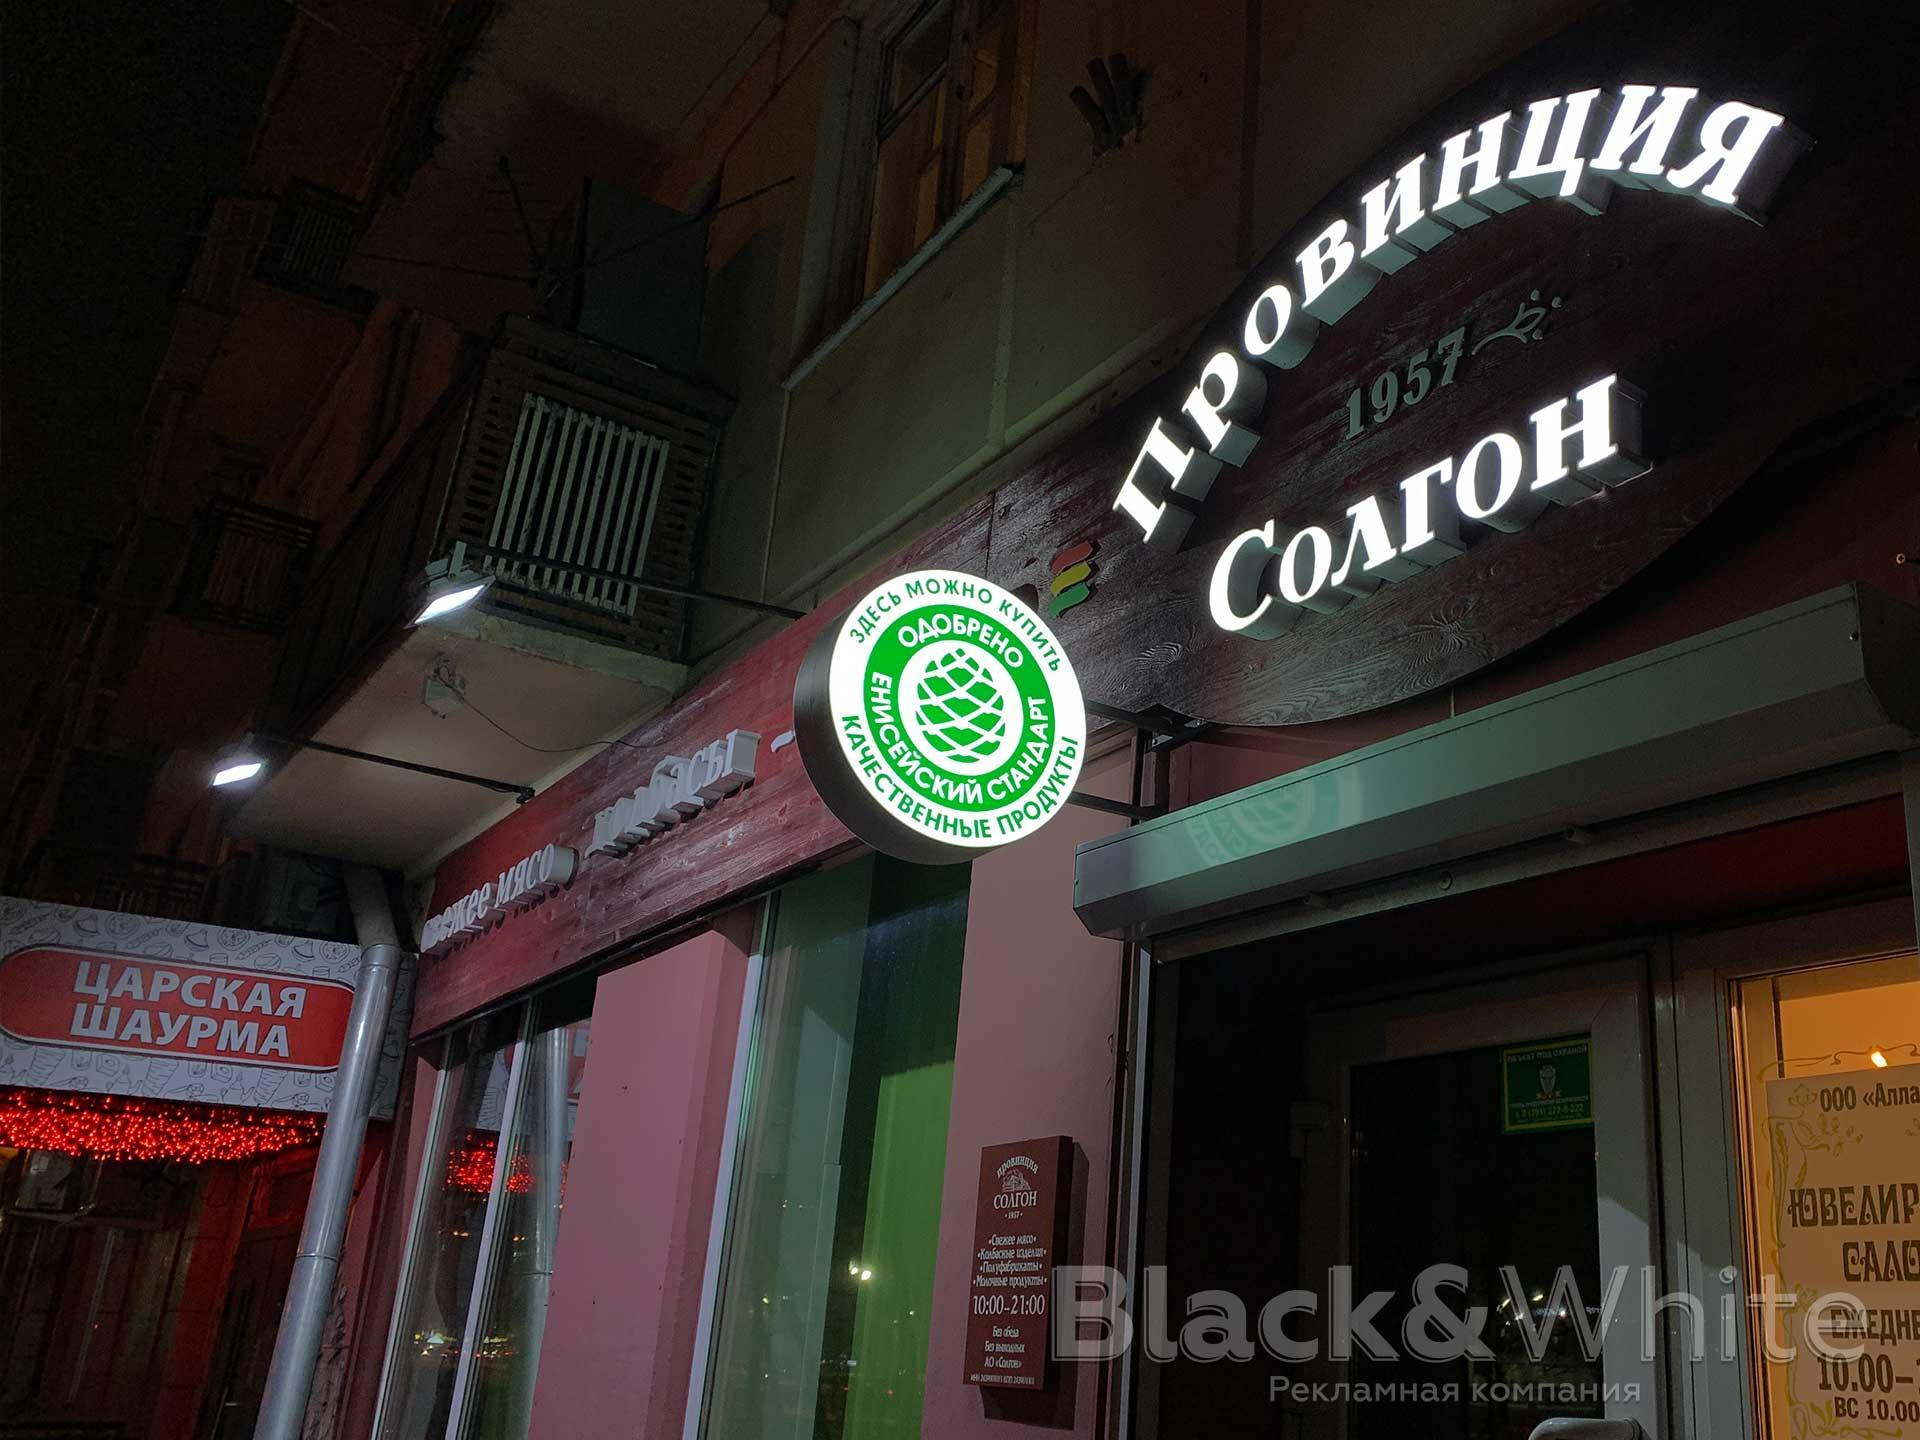 Световая-Панель-кронштейн-изготовление-на-заказ-в-Красноярске-Black&White.jpg